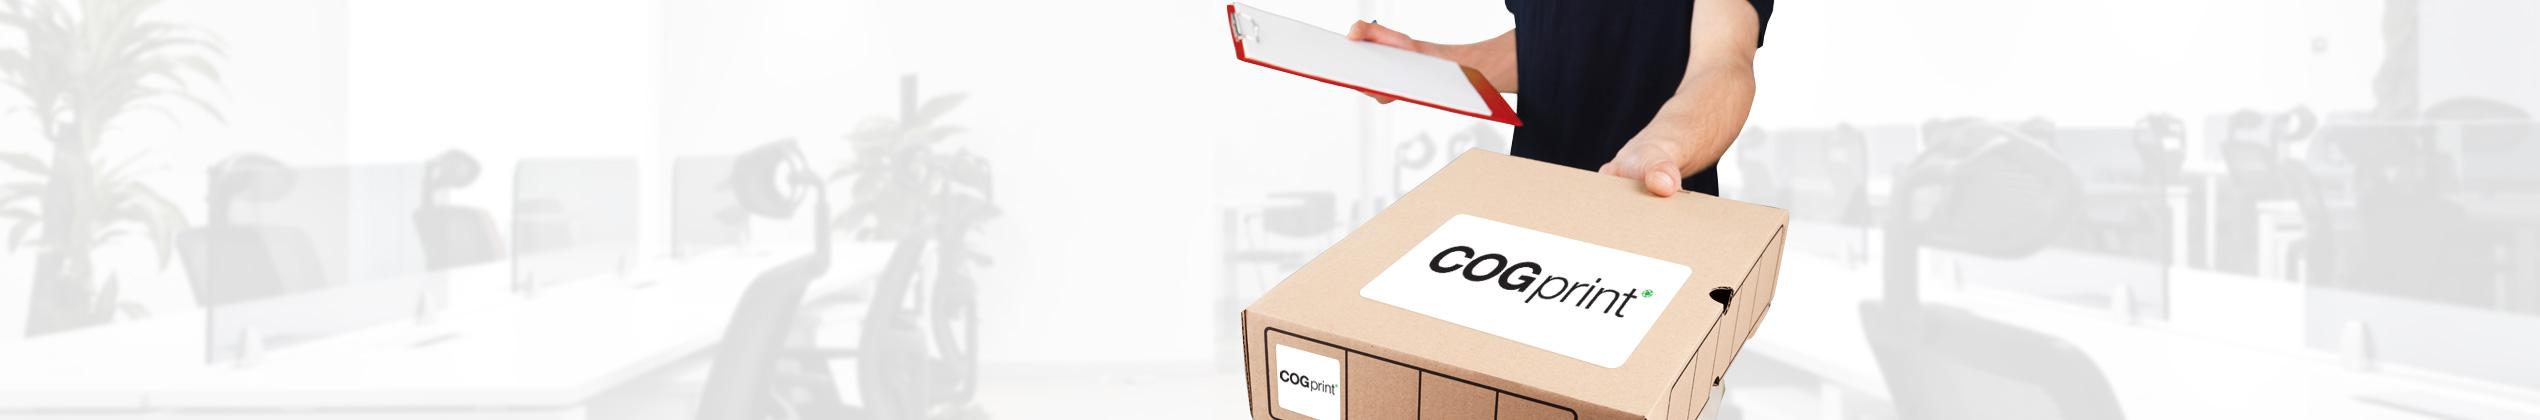 COG-print-Shop-slider_1